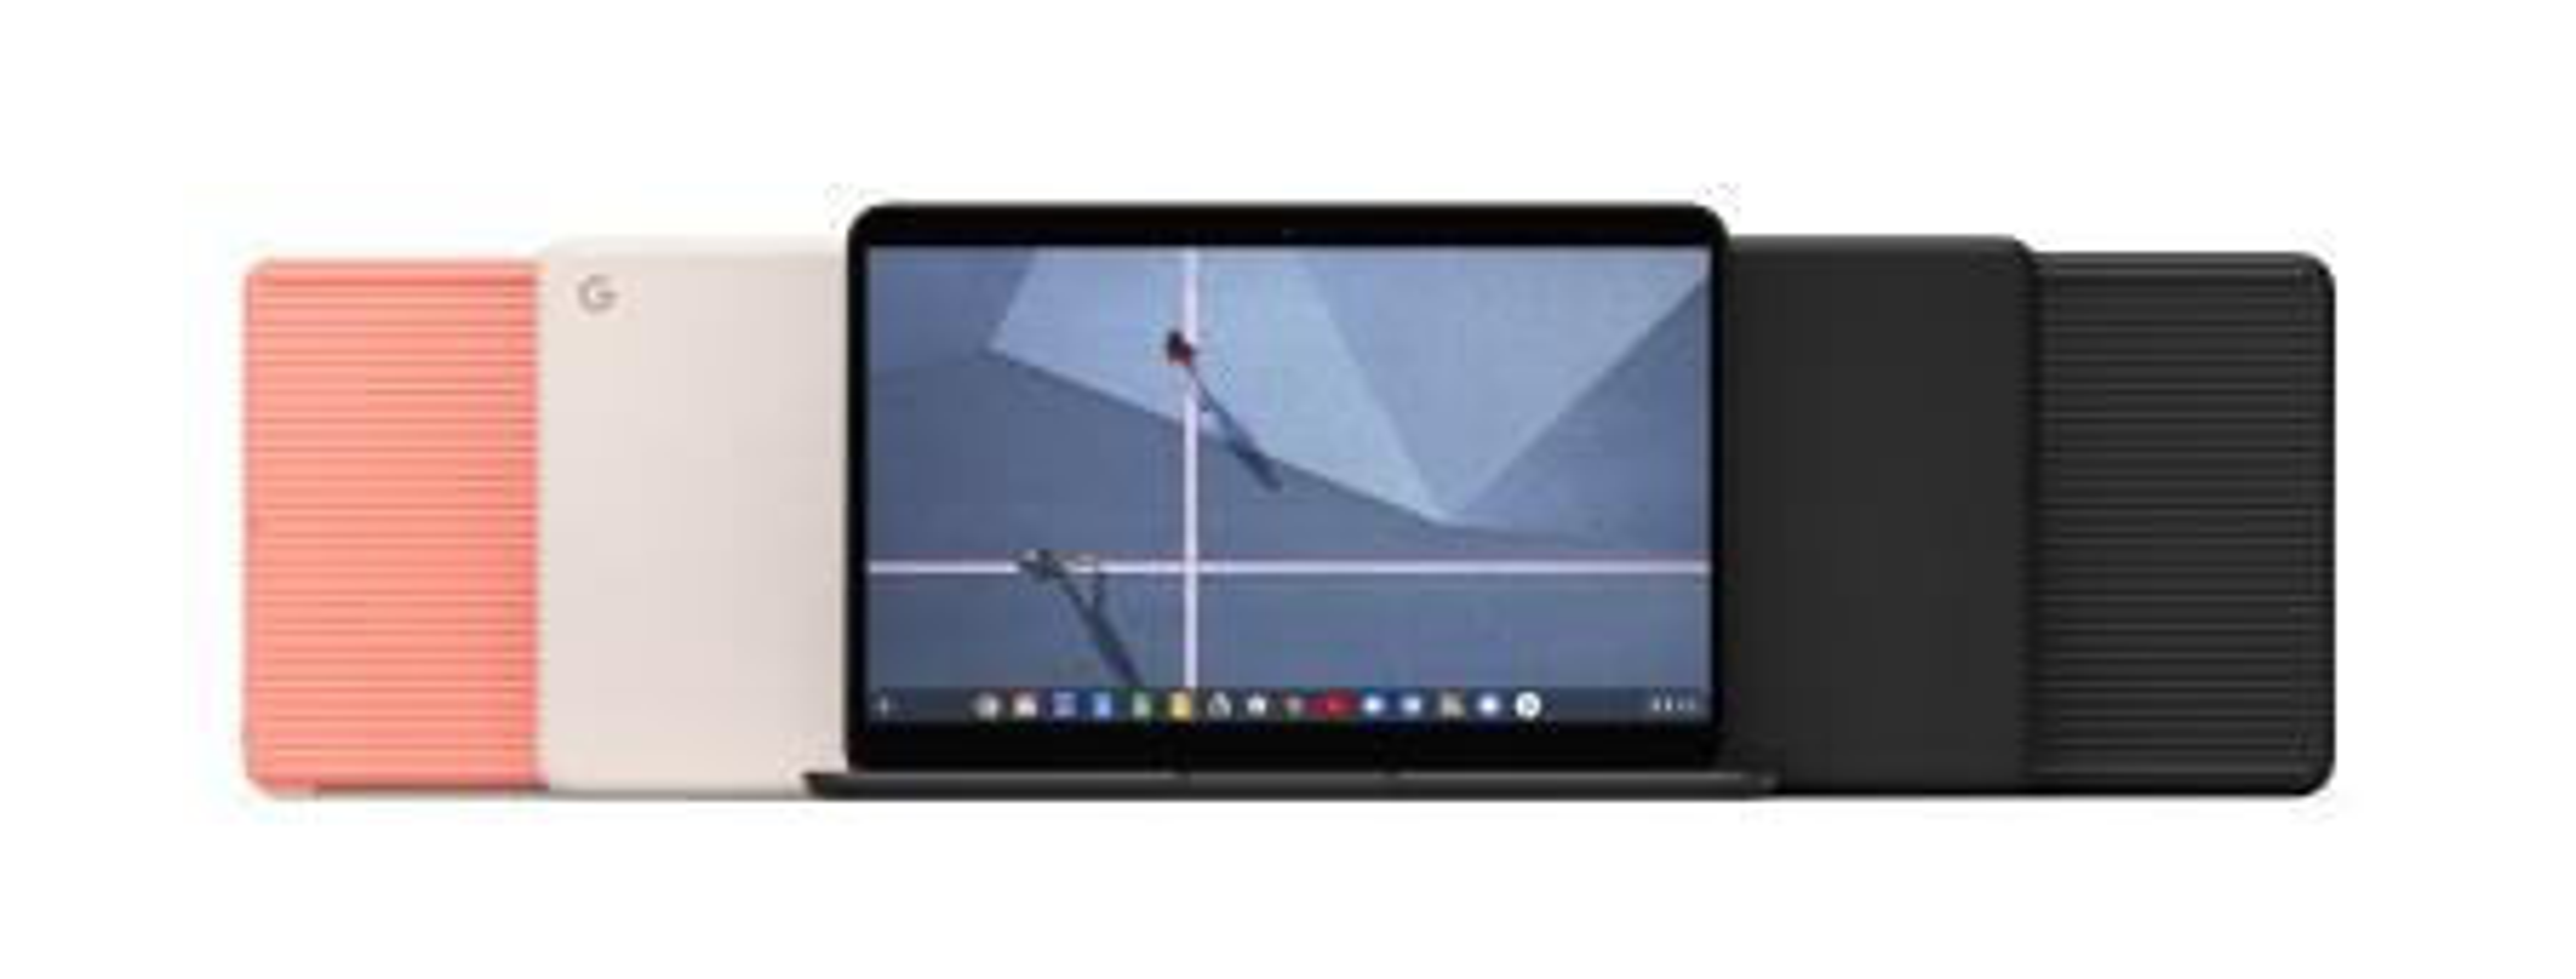 Three Pixelbook Go laptops